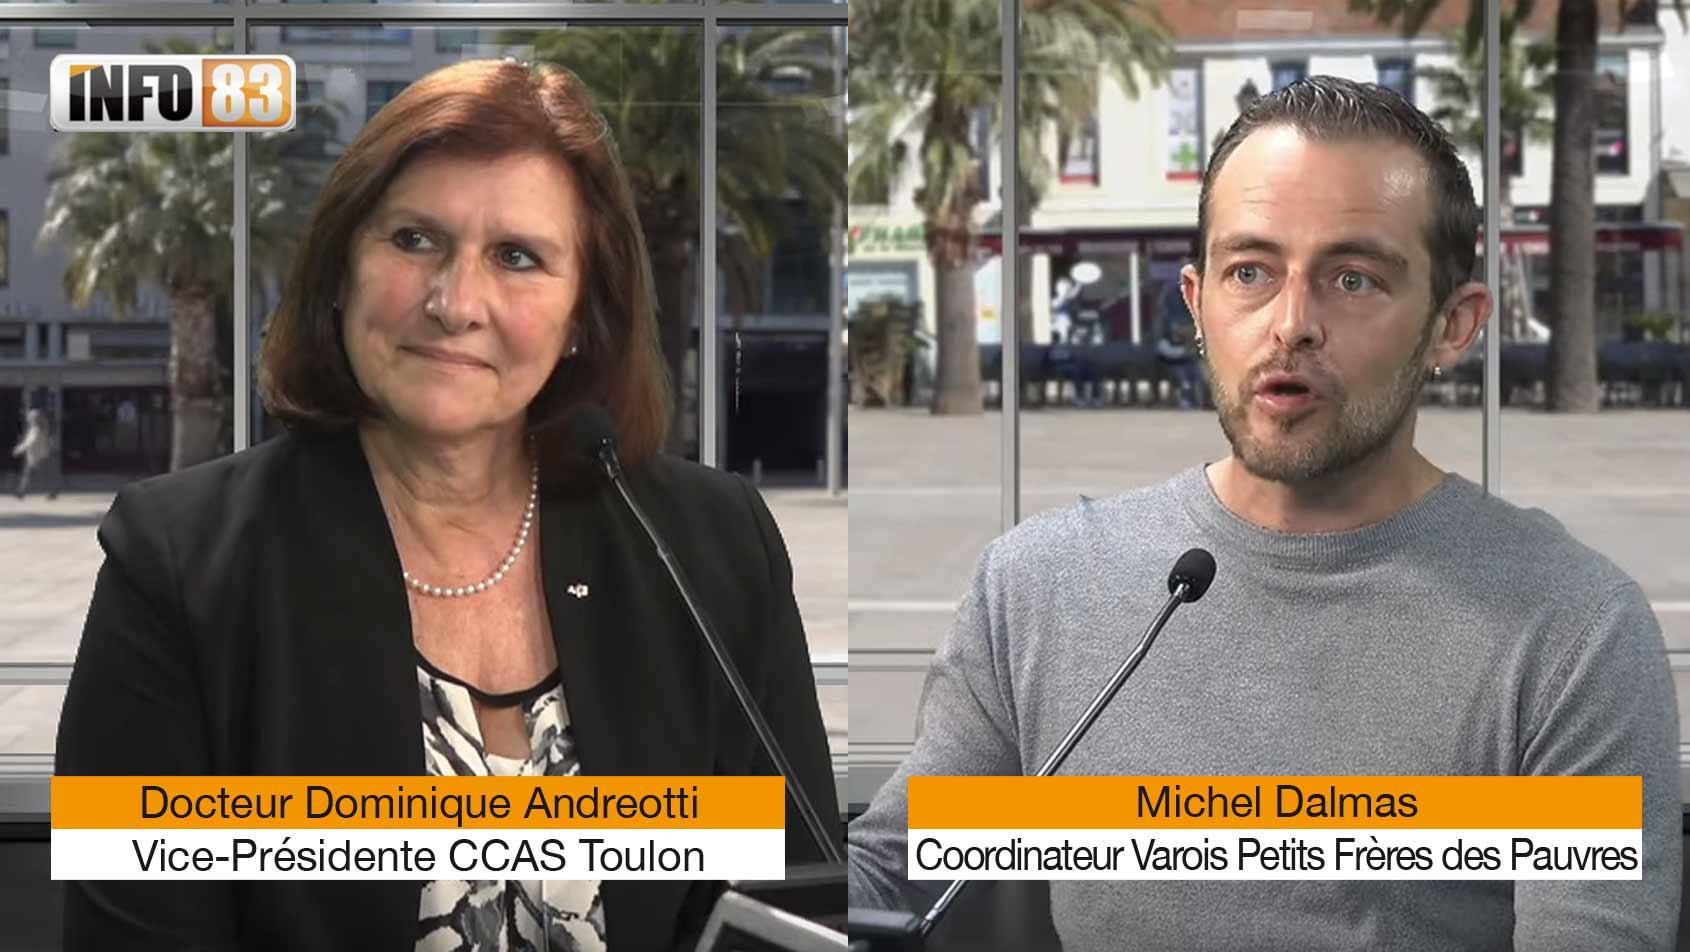 CCAS de Toulon et Petits Frères des Pauvres mobilisés pour nos aînés